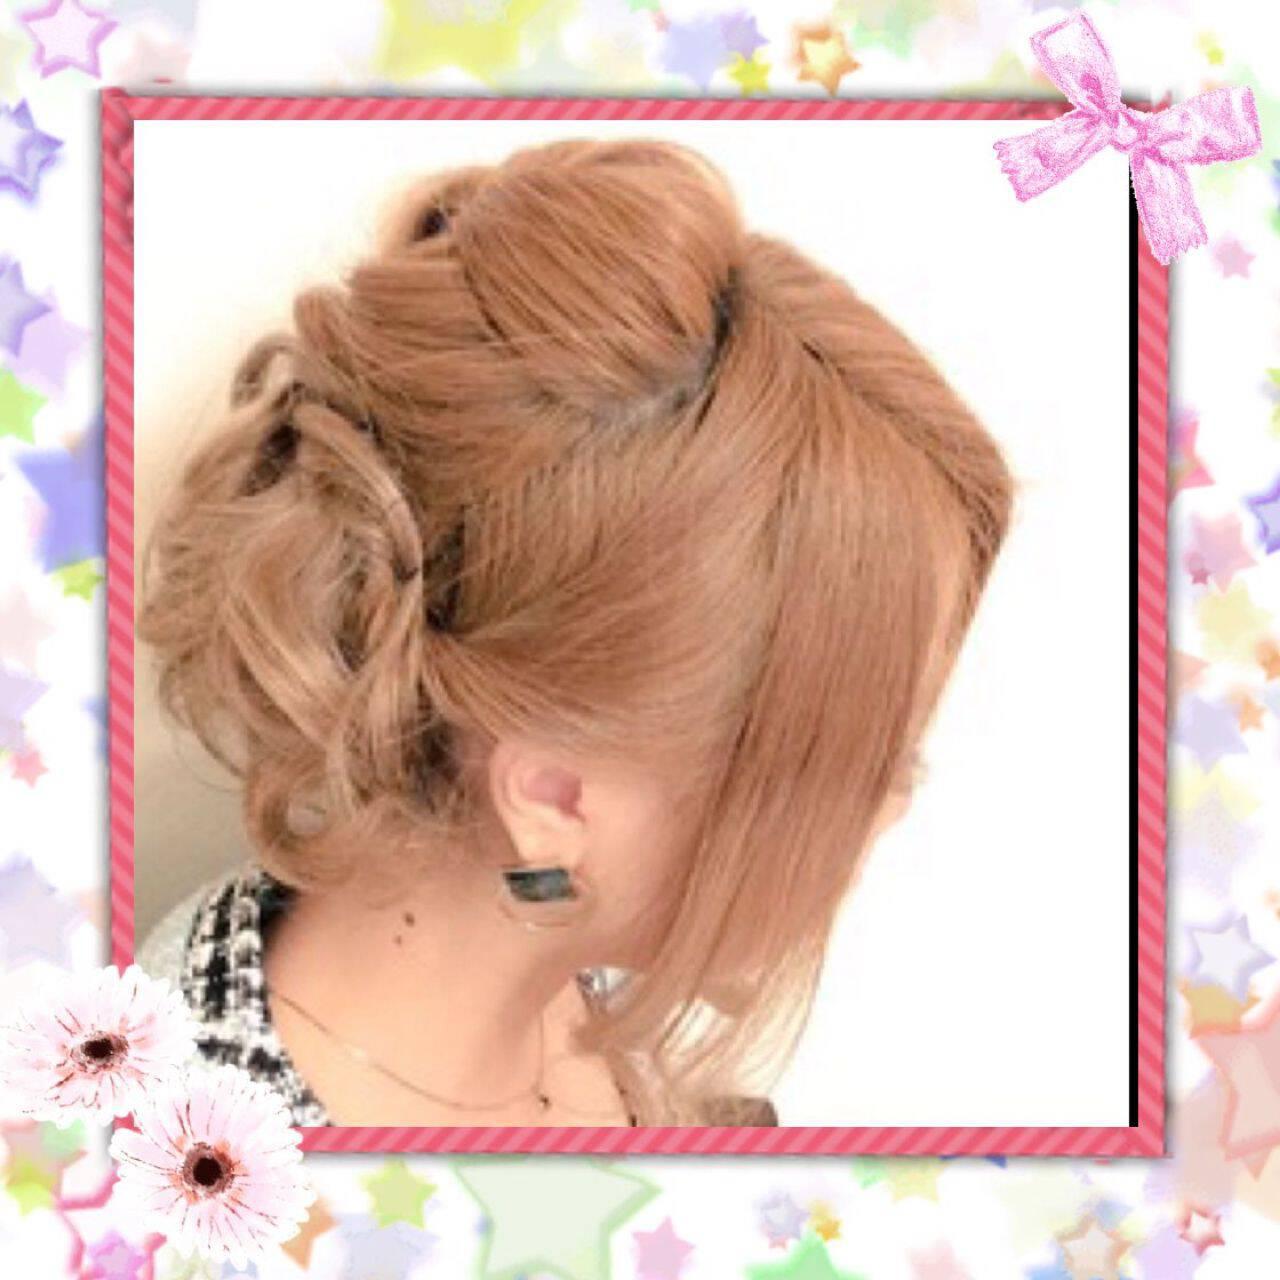 ツイスト 編み込み アップスタイル コンサバヘアスタイルや髪型の写真・画像